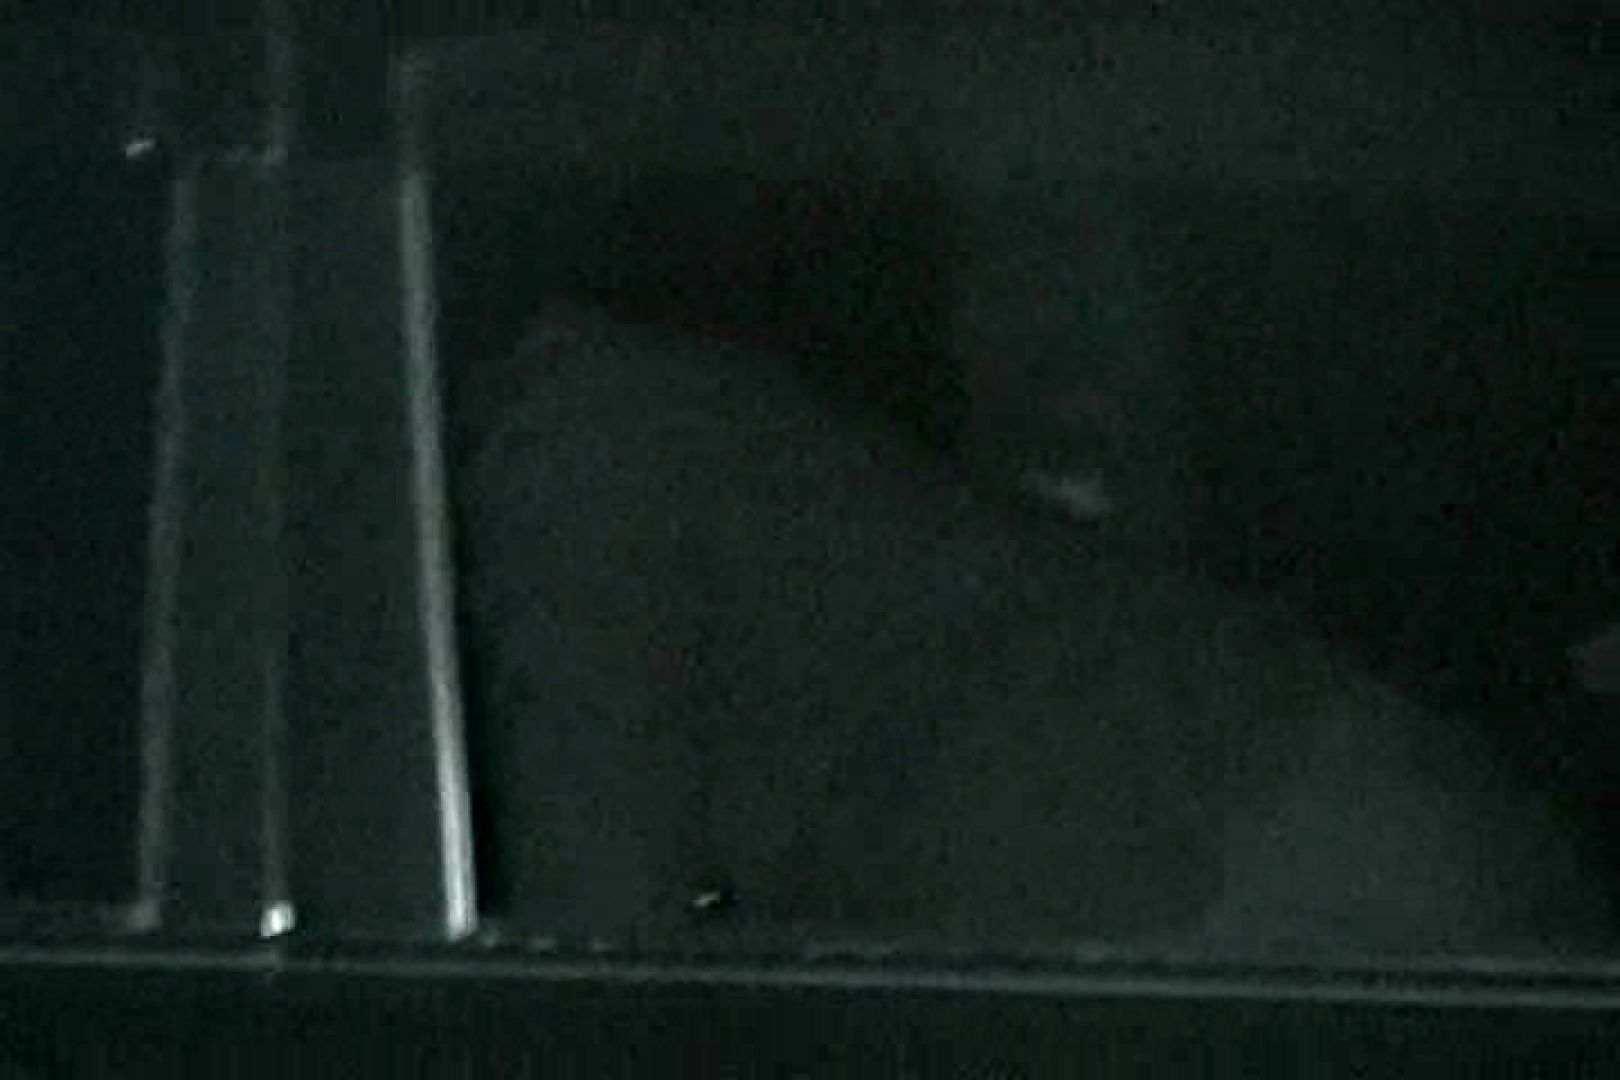 充血監督の深夜の運動会Vol.131 車中はめどり AV動画キャプチャ 93画像 54